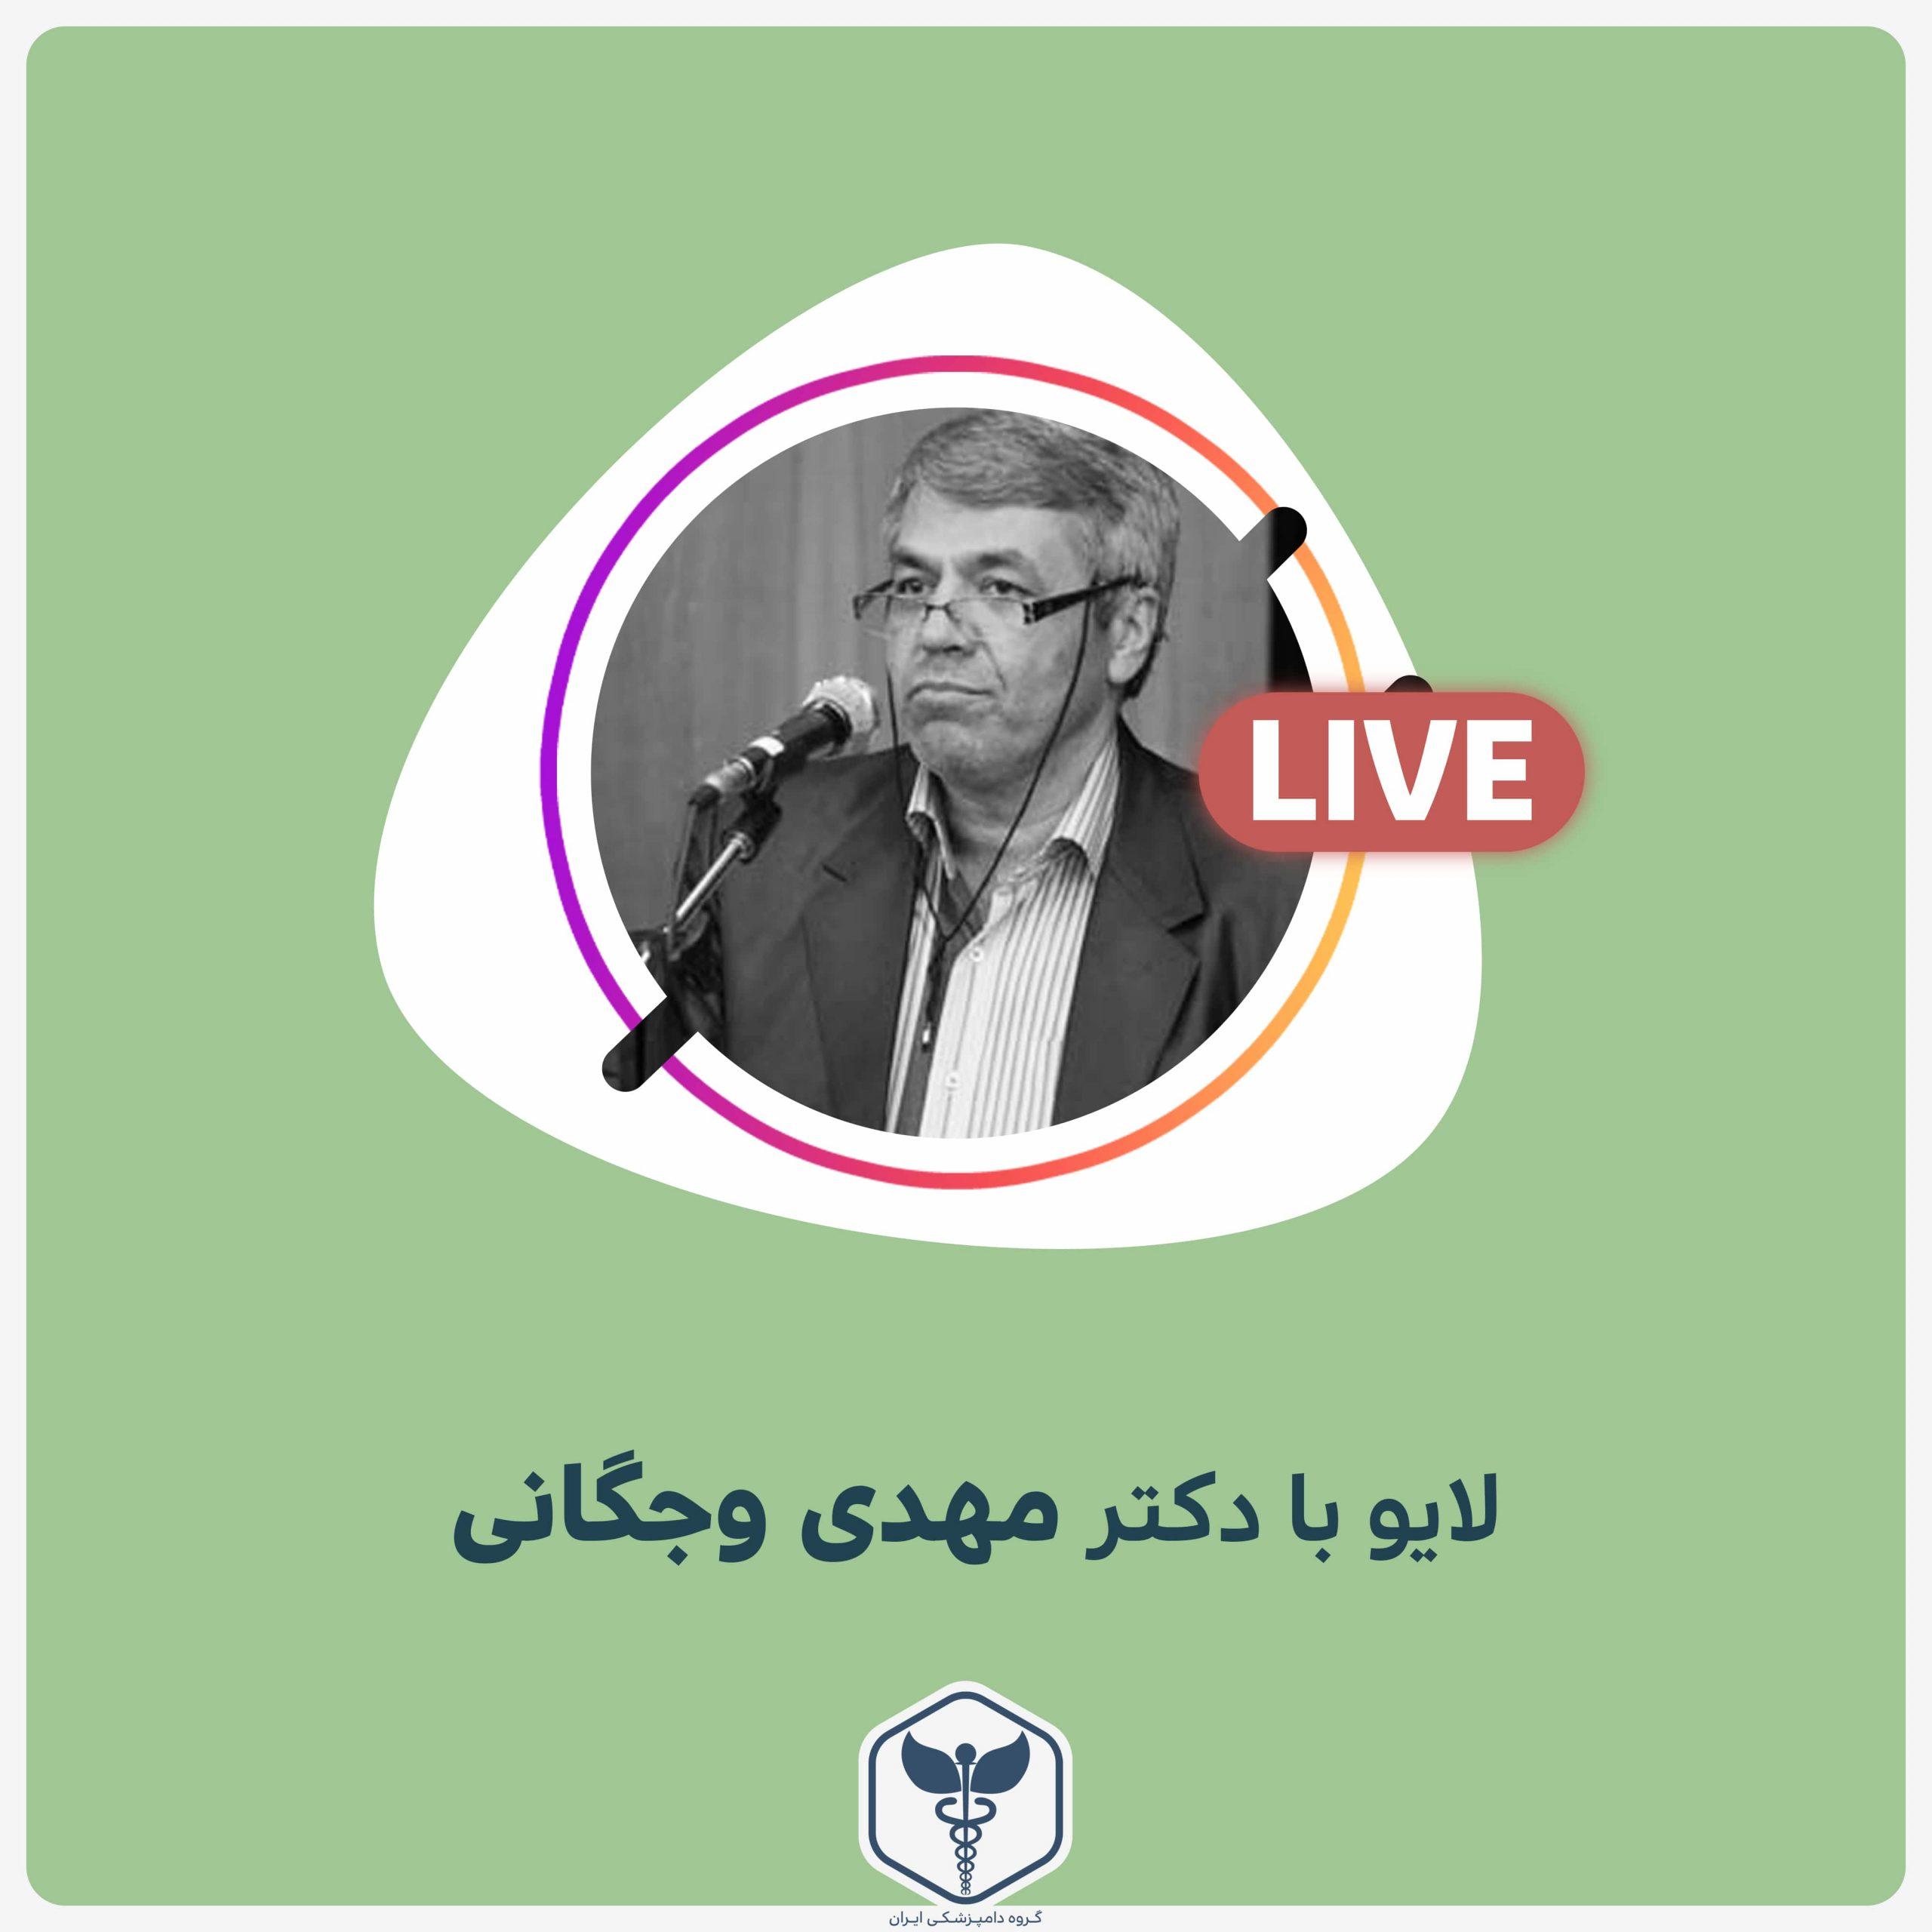 گفتوگو با دکتر مهدی وجگانی، گروه دامپزشکی ایران